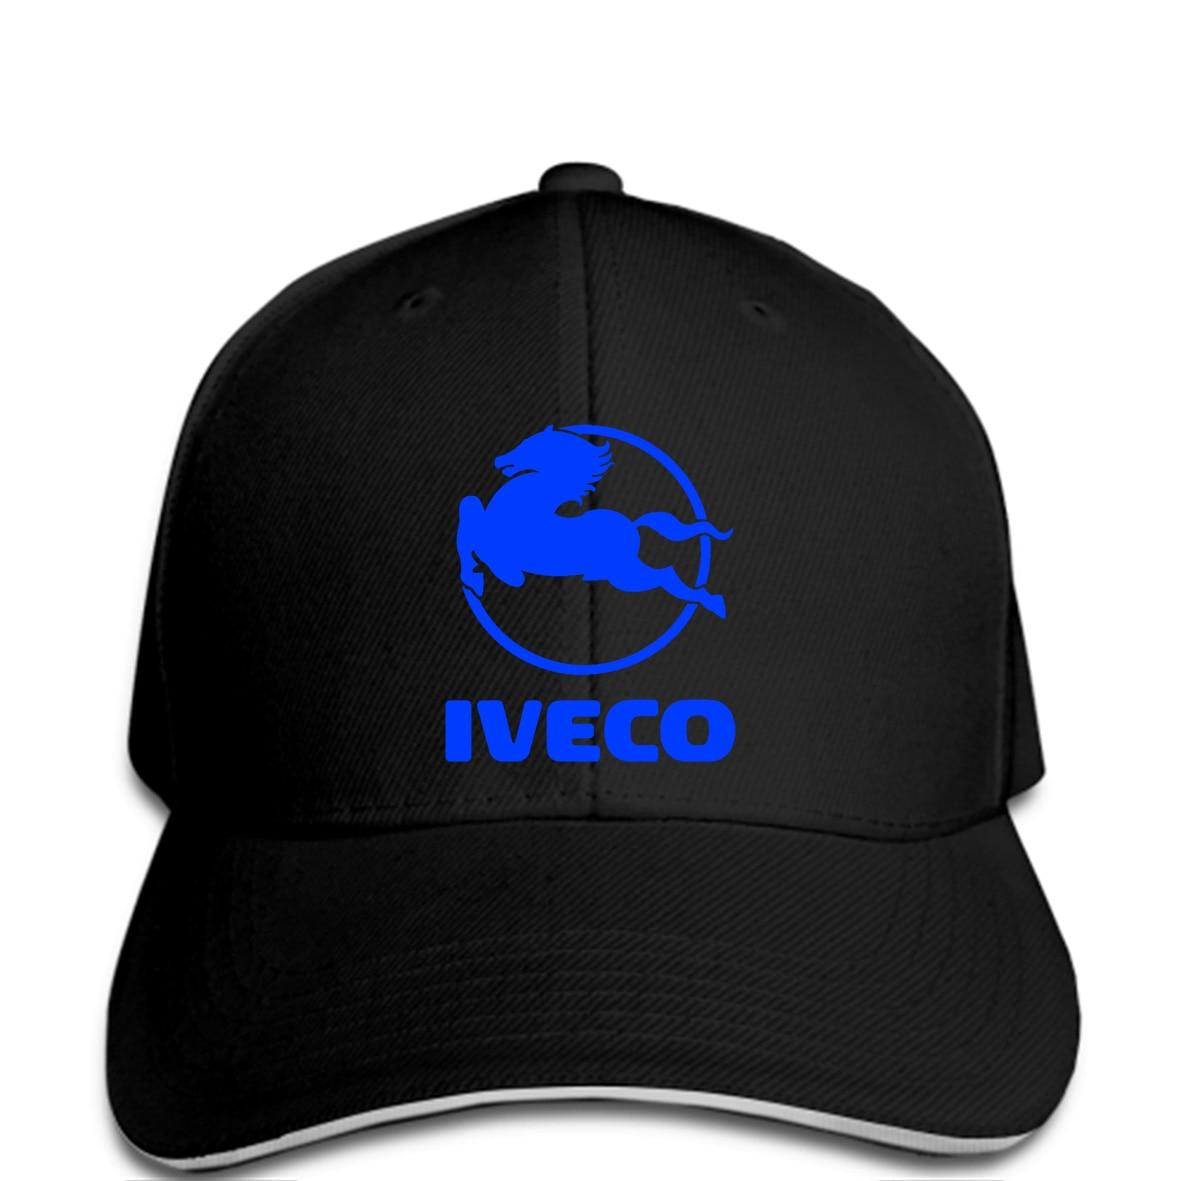 Hombres gorra de béisbol camión Iveco Logo blanco negro gráficos snapback  sombrero mujeres ff9bf0f758c